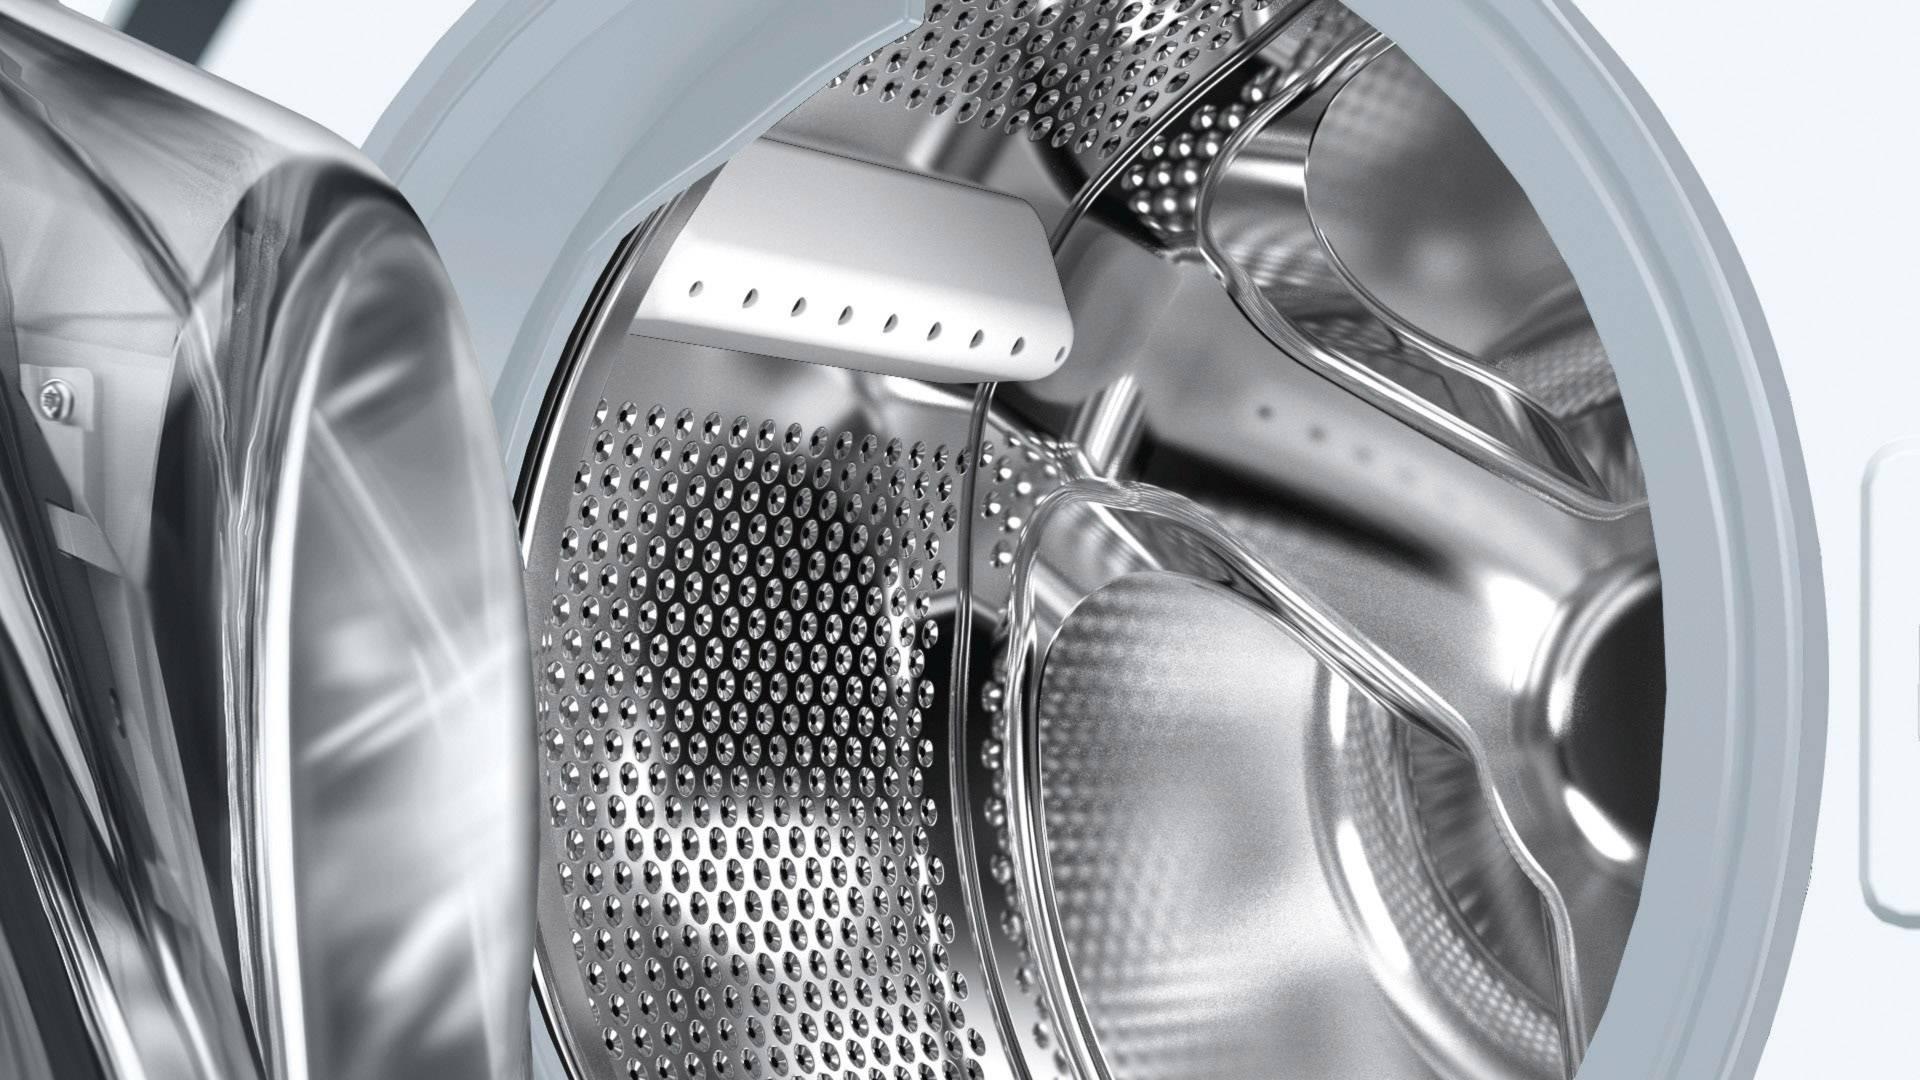 Siemens waschmaschine frontlader wm b kg